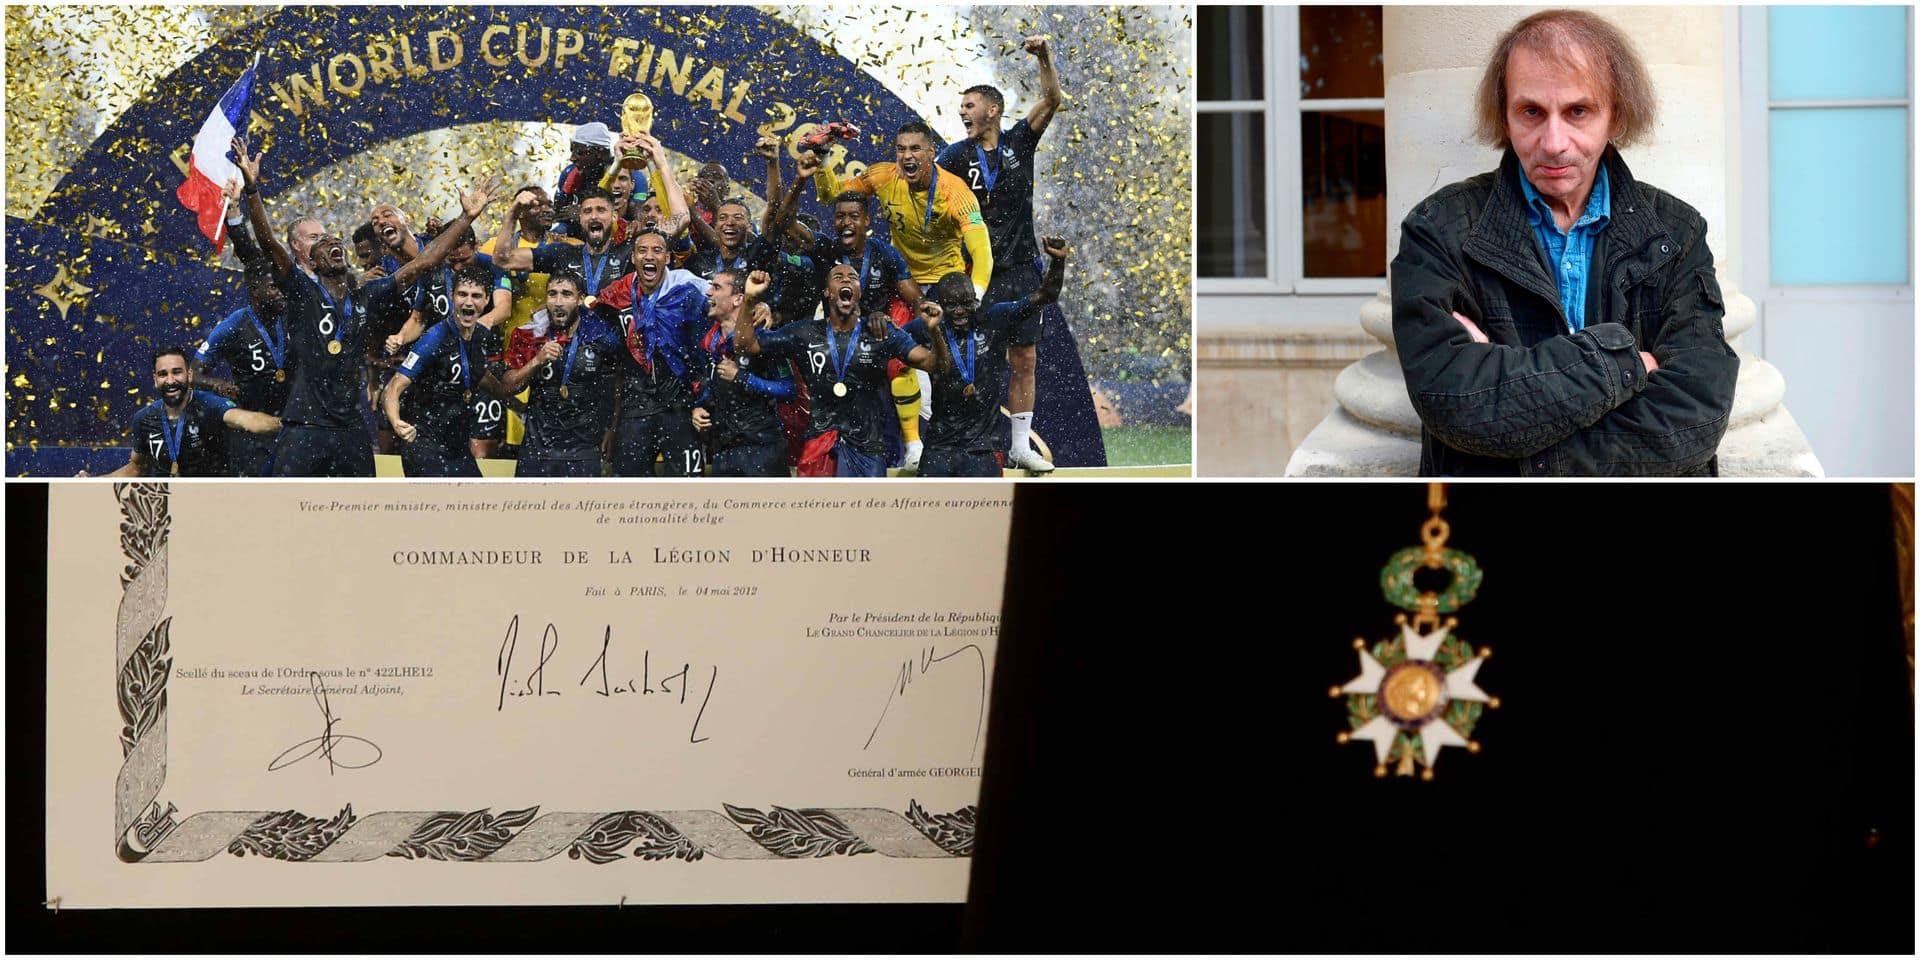 Michel Houellebecq et l'Equipe de France distingués de la Légion d'honneur